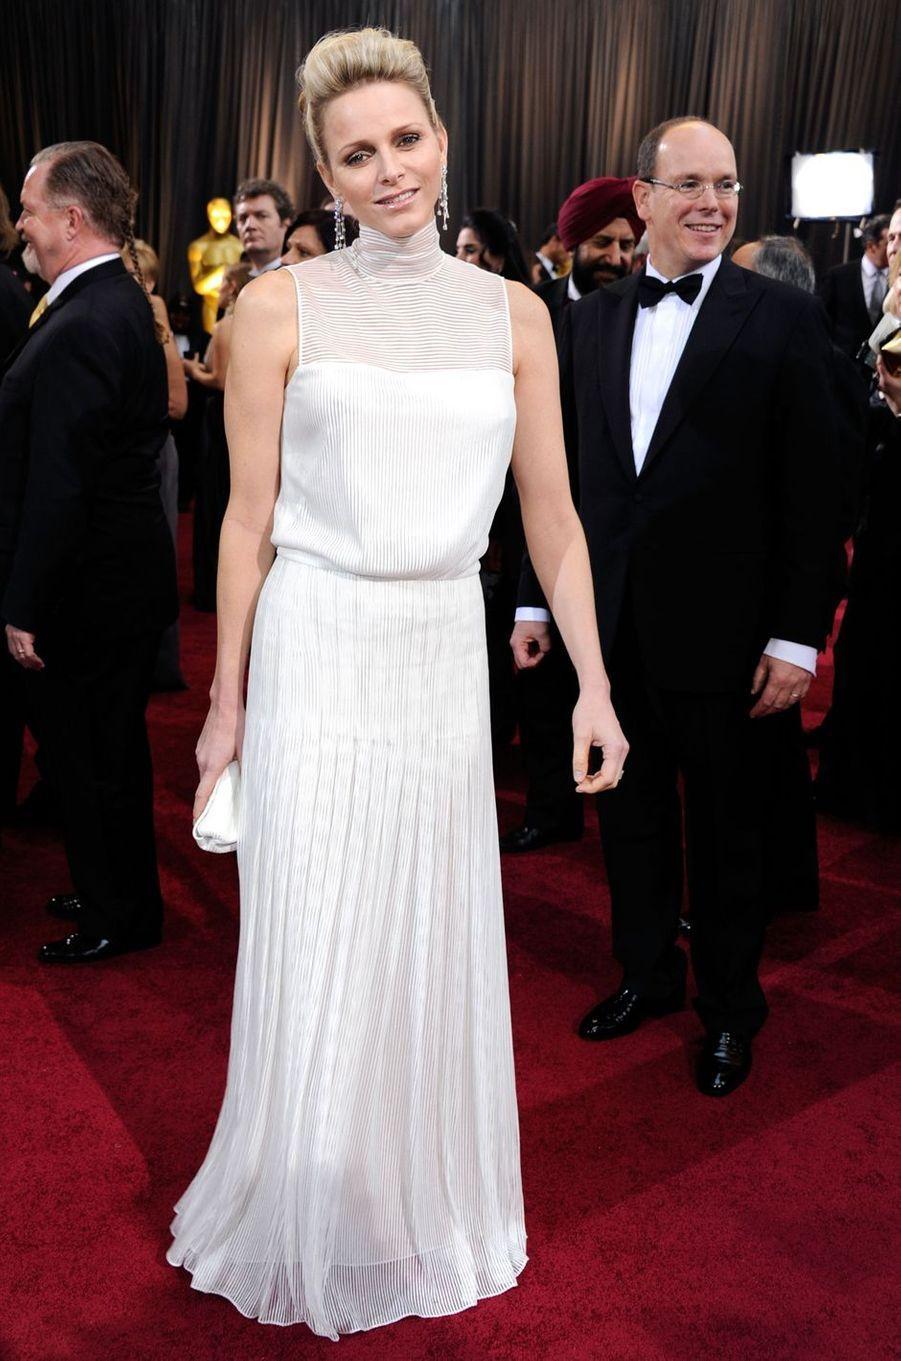 La princesse Charlène de Monaco en Akris lors de la cérémonie des Oscars à Los Angeles, le 26 février 2012